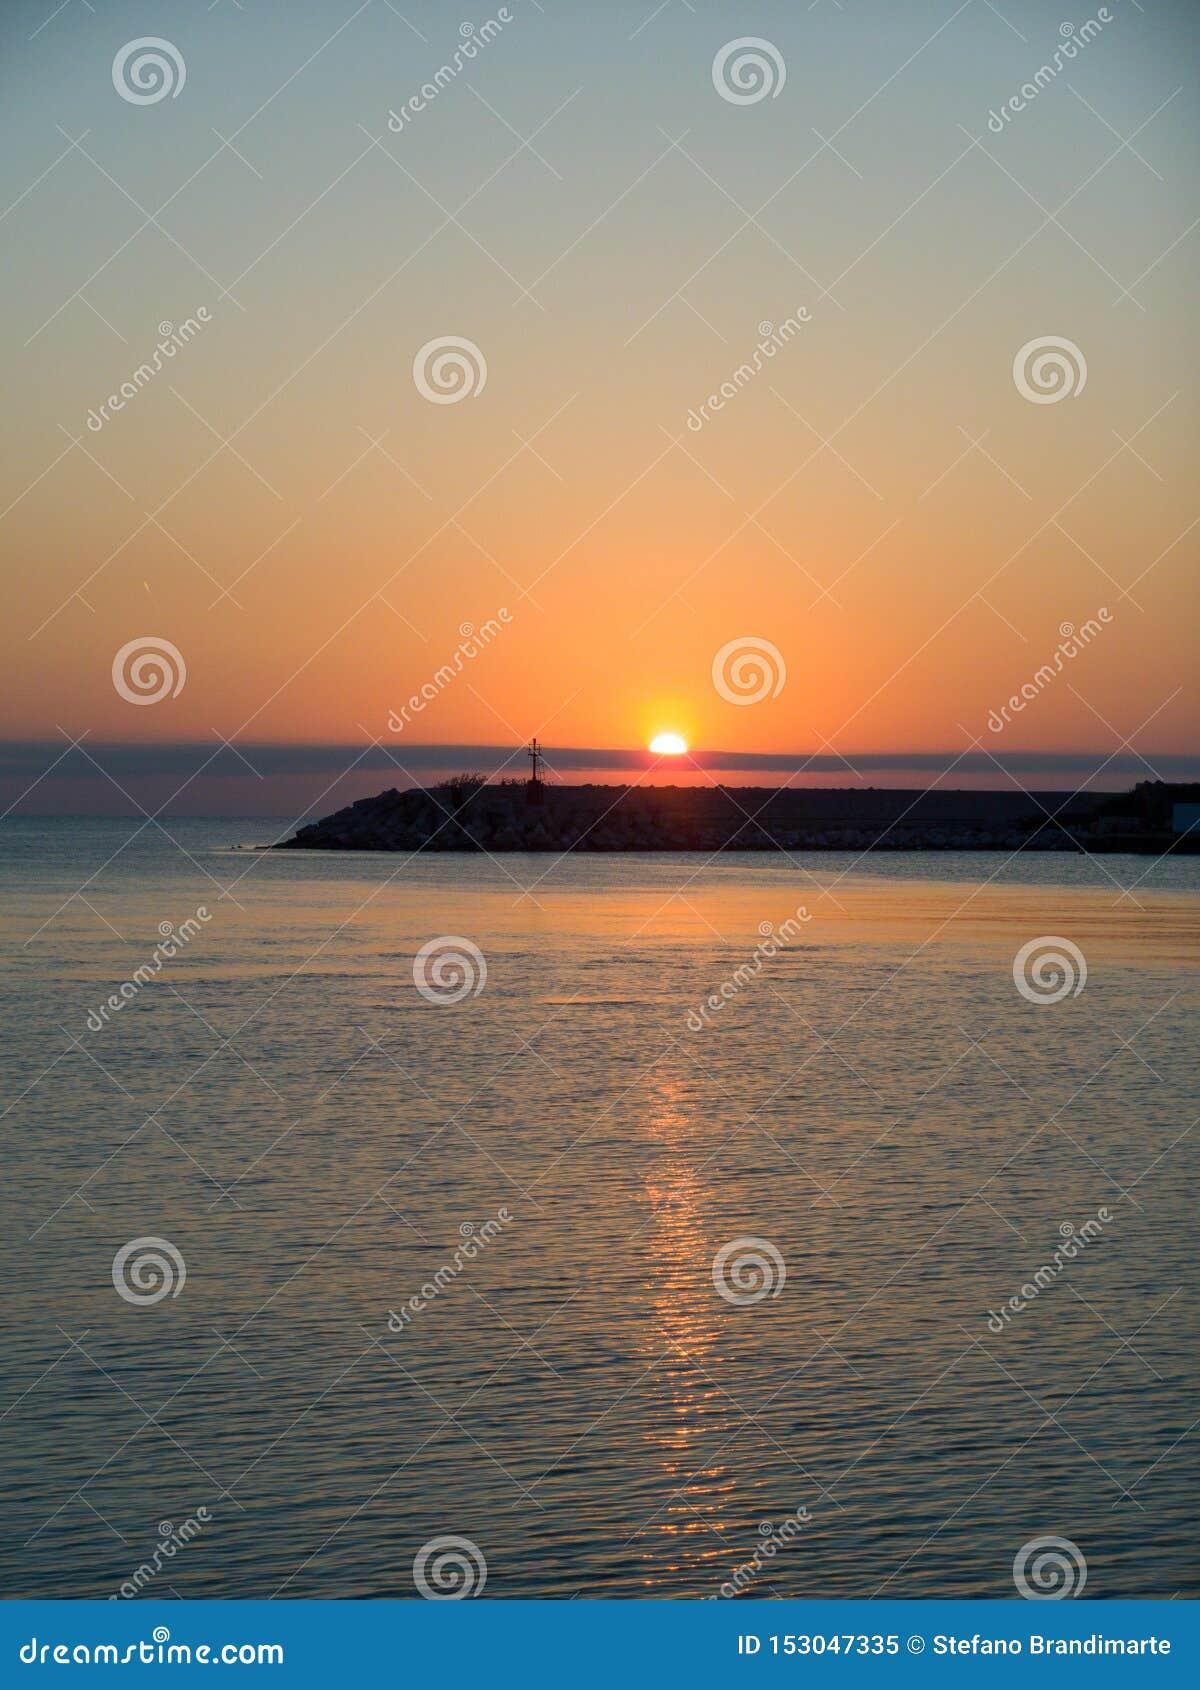 Zonsopgang op het Adriatische Overzees, weerspiegelingen van het zonlicht op het water